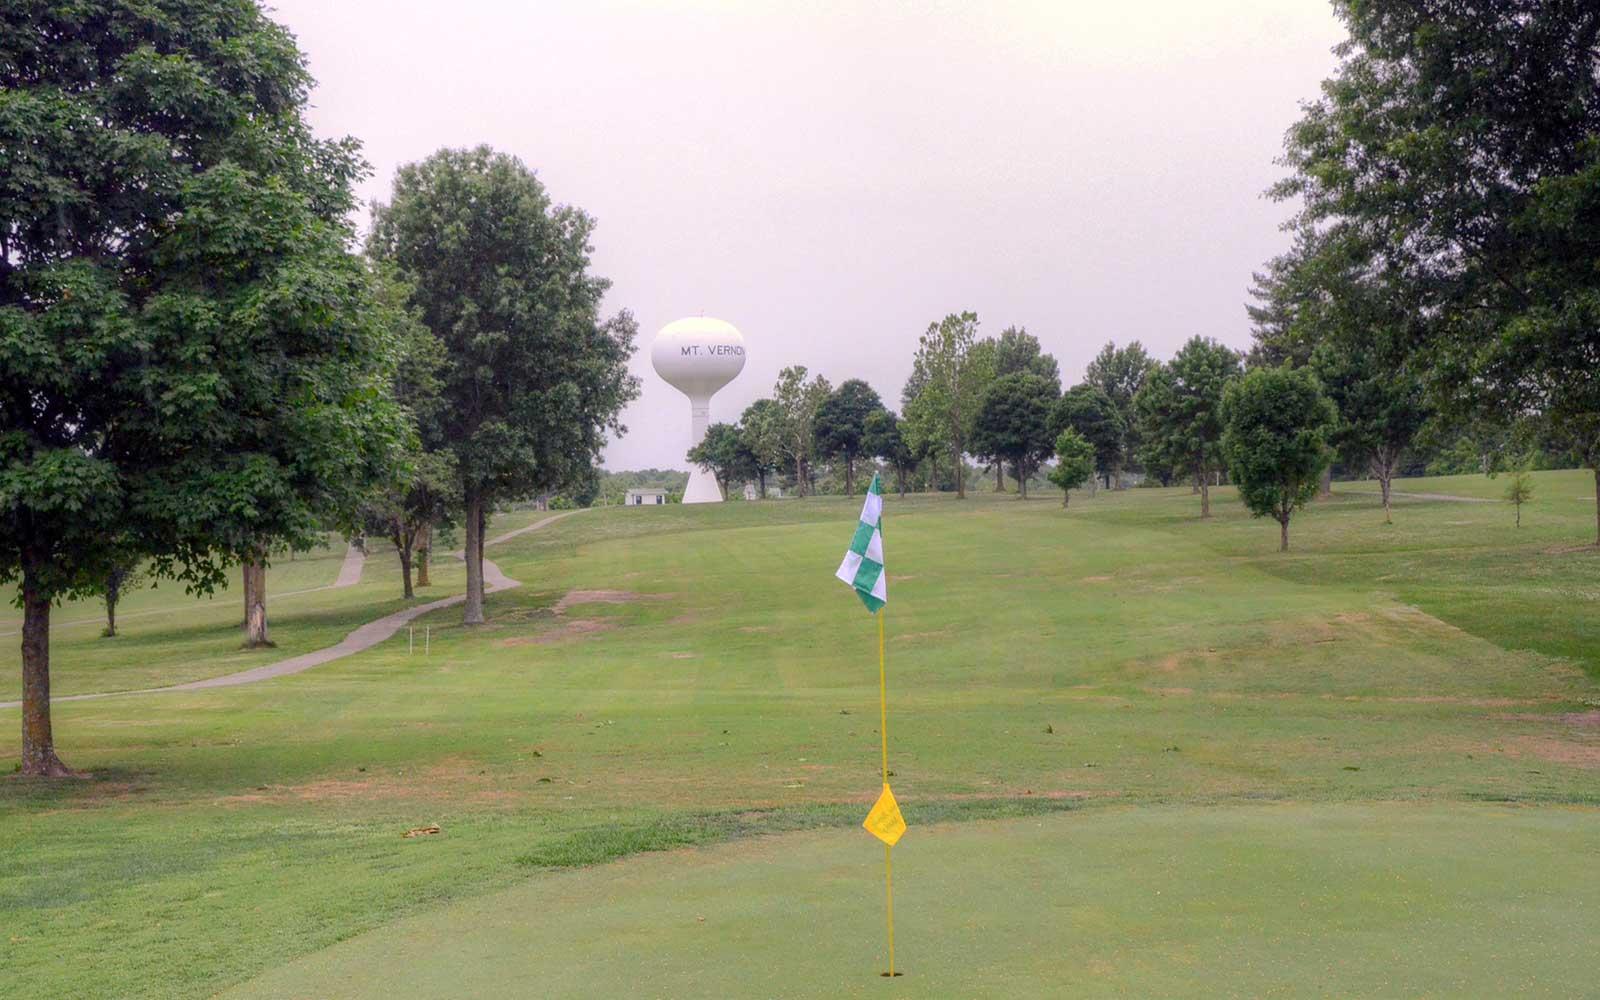 Mt.-Vernon-Golf-Course,-Mt.-Vernon,-MO-Tower